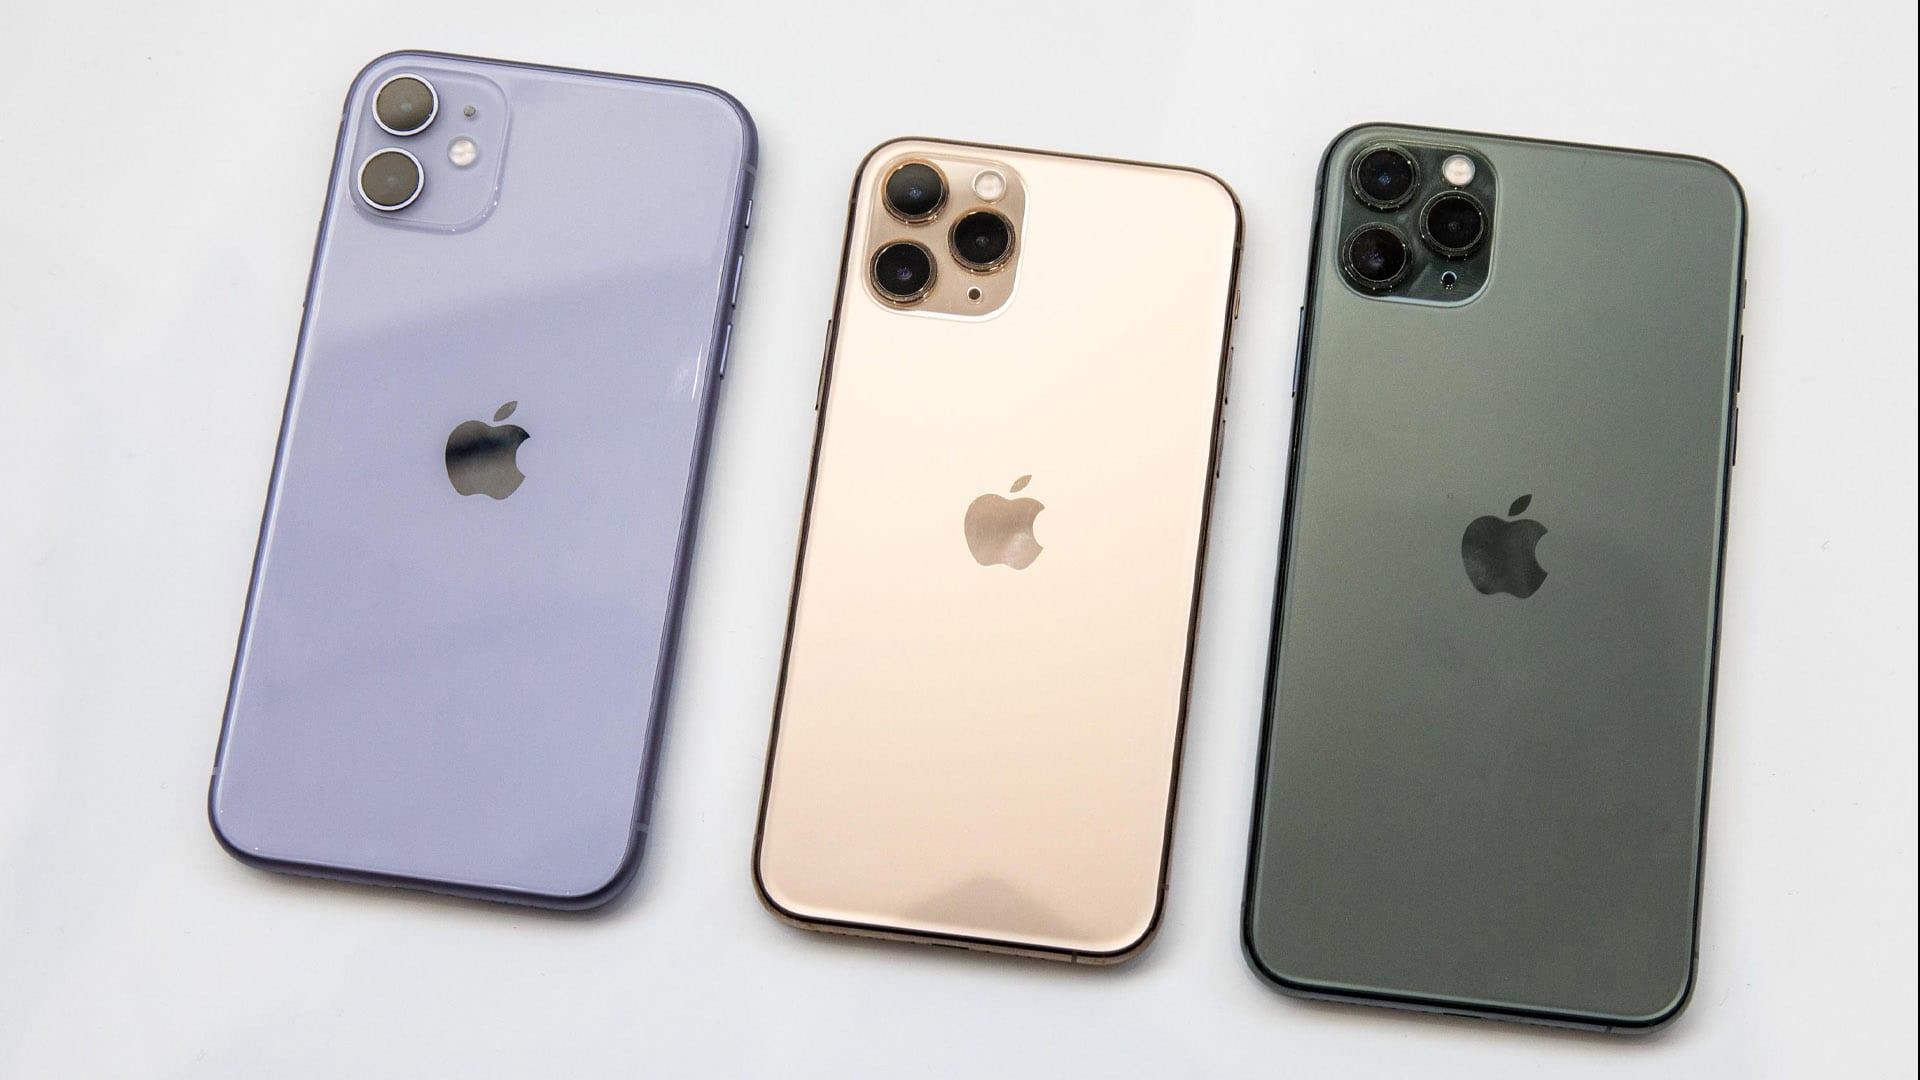 بيع أكثر من 130,000 وحدة من هواتف iPhone 11 في يومها الأول في سوق كوريا الجنوبية